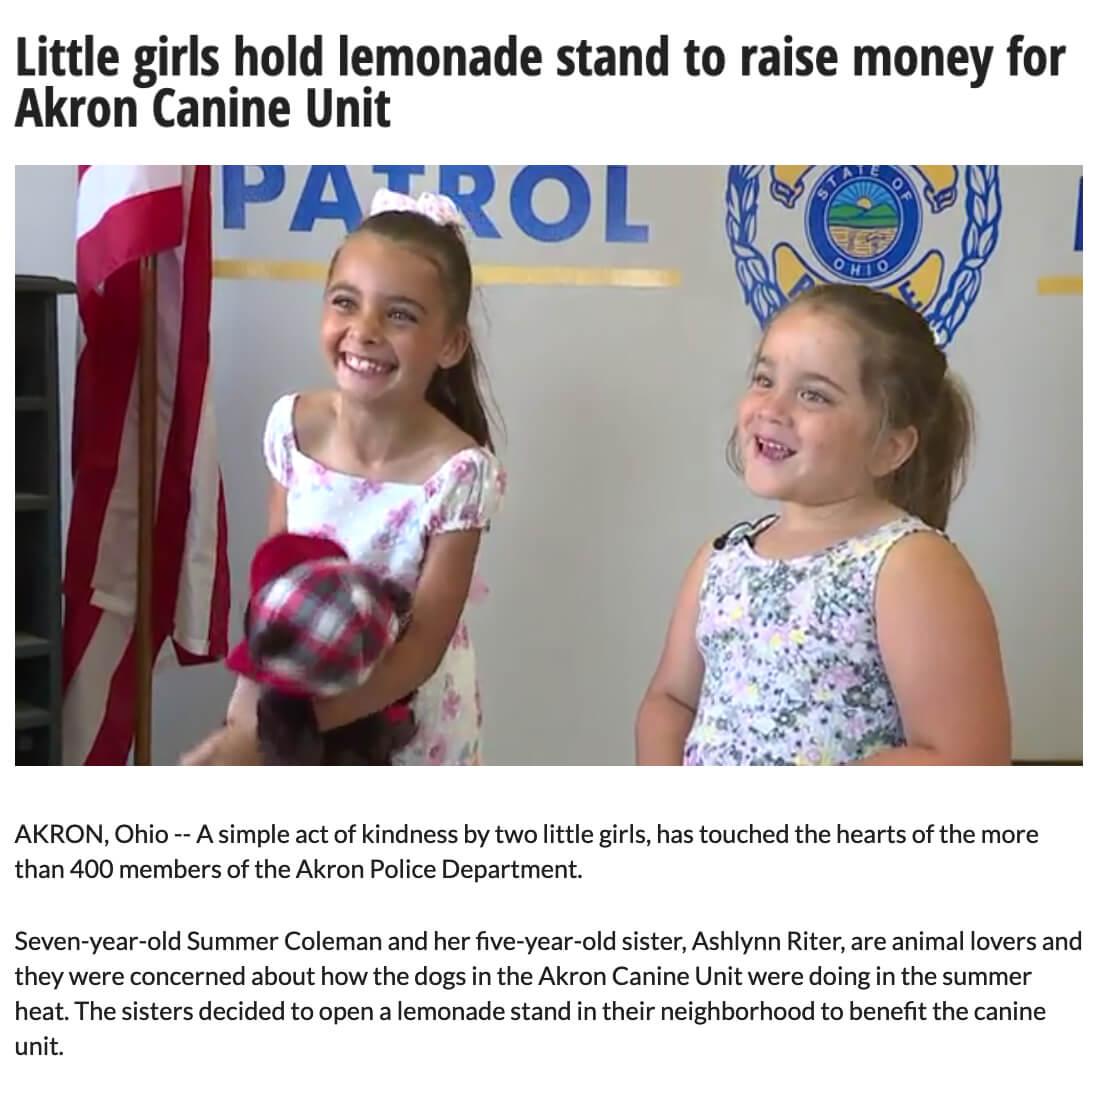 Lemonade Stand for K9 Unit